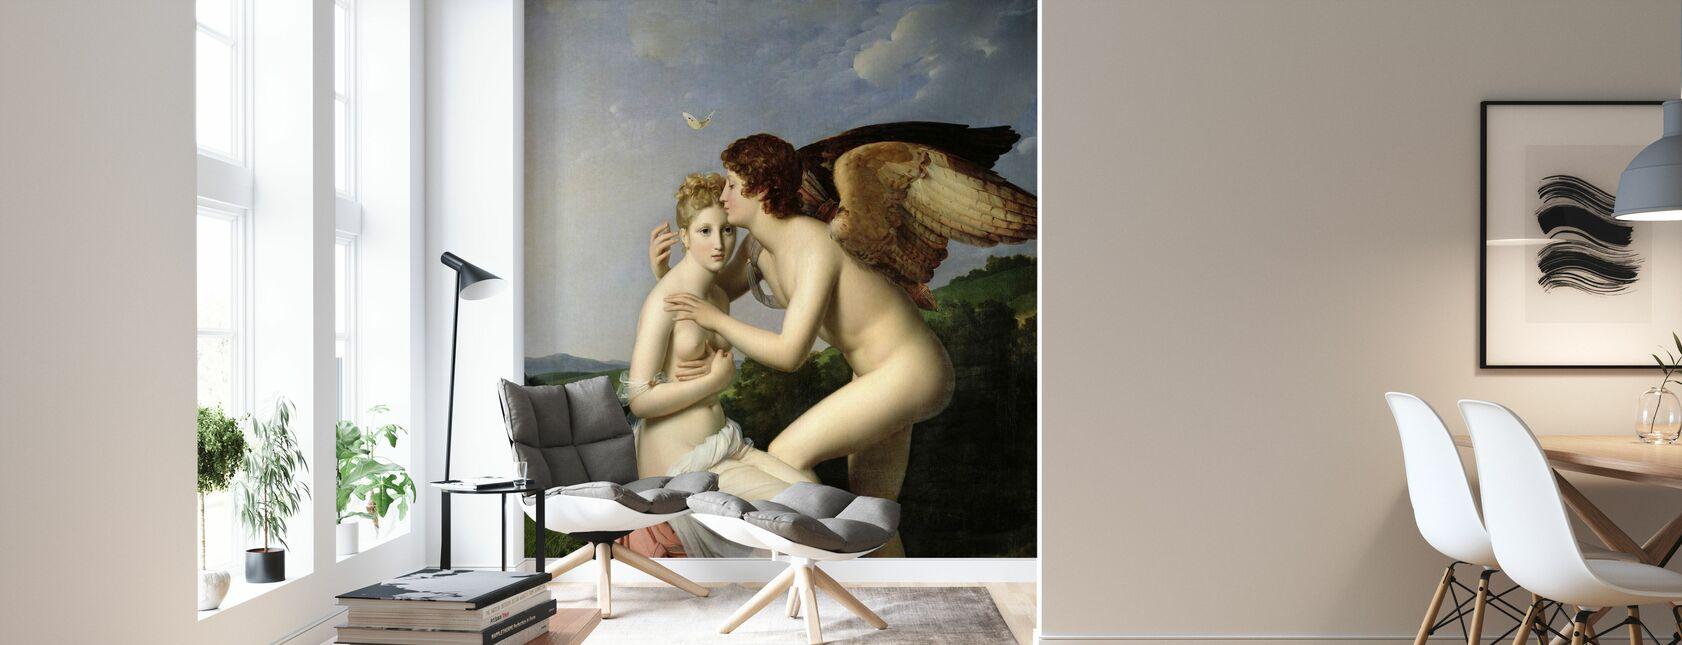 Premier Kiss de Cupidon - François Pascal Gérard - Papier peint - Salle à manger